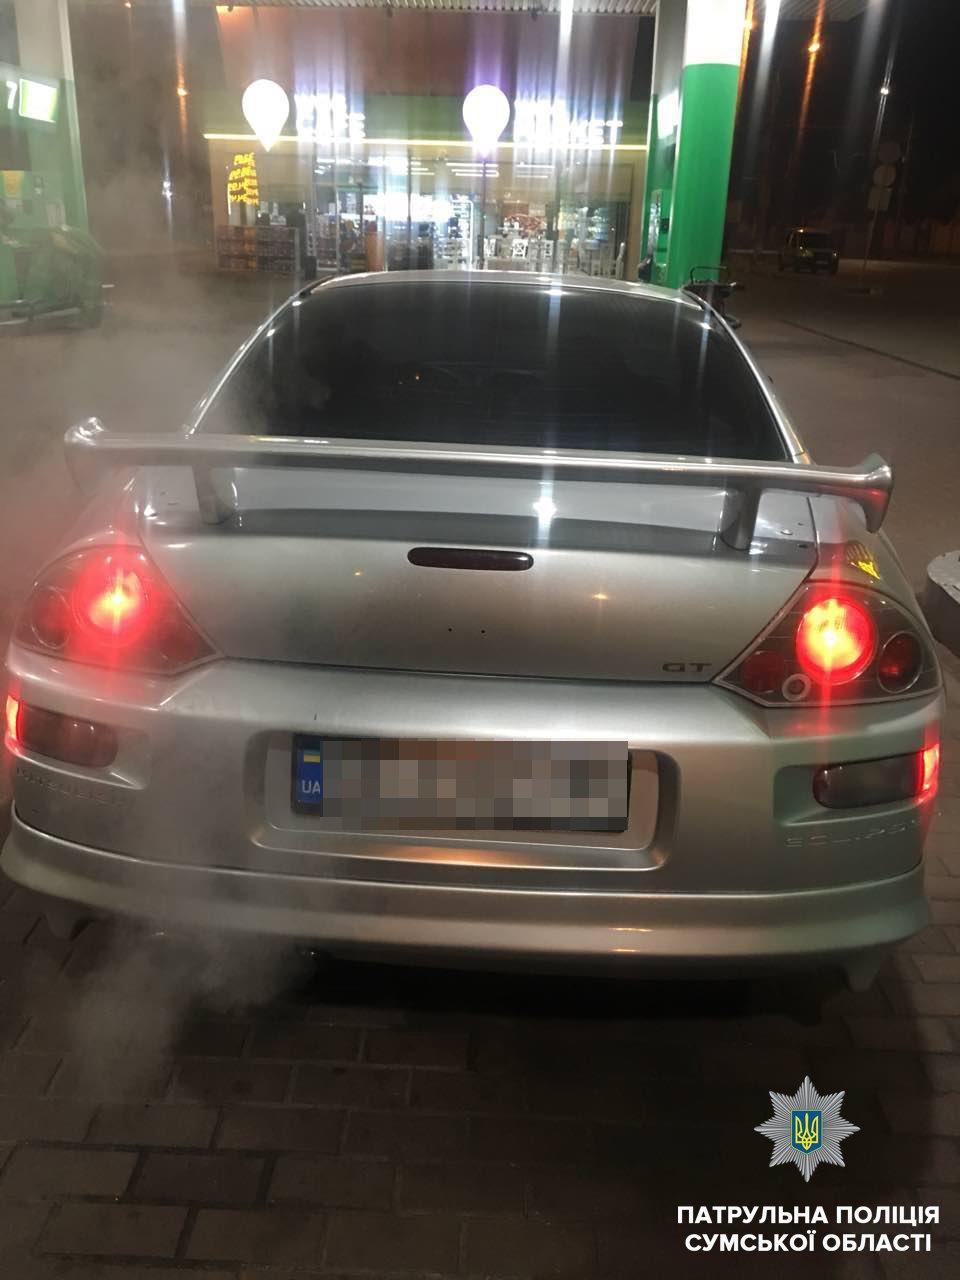 В Сумах выявили угнанный в Днепропетровской области автомобиль, фото-1